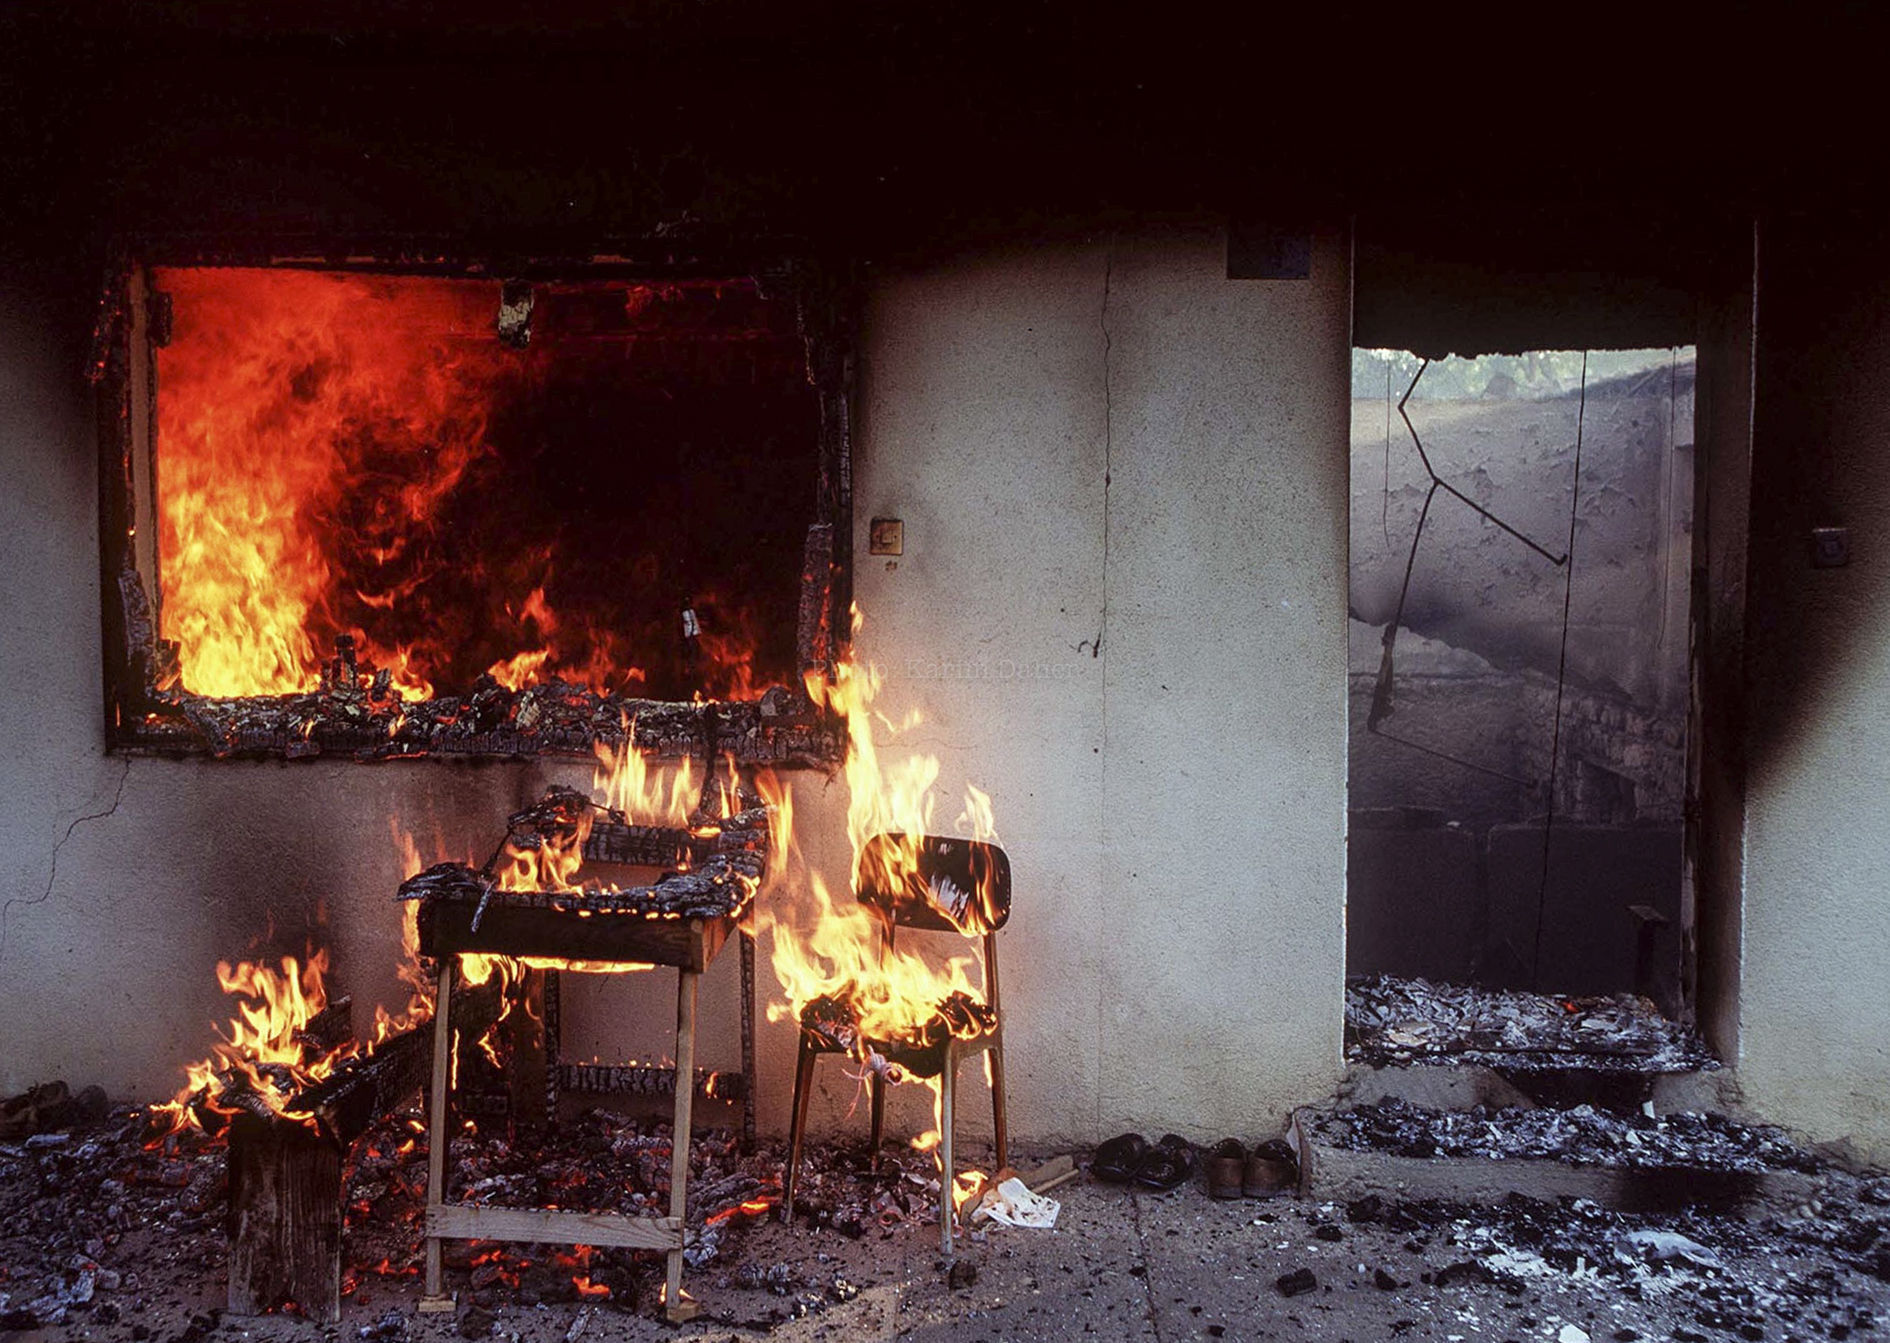 """Croatie, Krajina, été 1995. Une maison  (appartenant à une famille serbe) a été volontairement incendiée par des hommes circulant dans des voitures sans plaques d'immatriculation et se déplaçant dans le sillage de l'armée croate lors de l' """"opération tempête"""" qui a chassé les troupes de la """"République Serbe de Krajina"""" (autoproclamée)."""